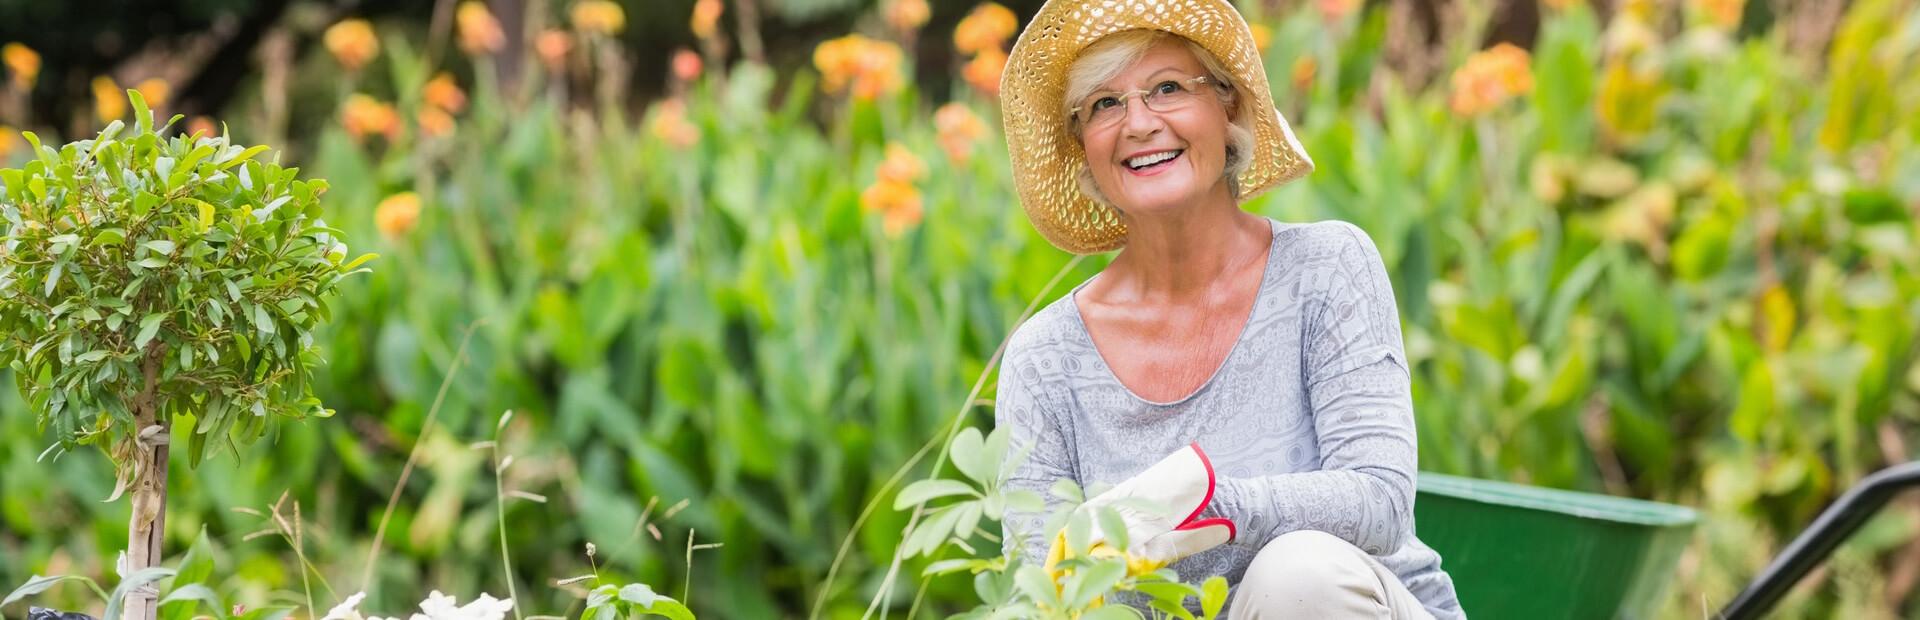 Dermatology Care for Seniors